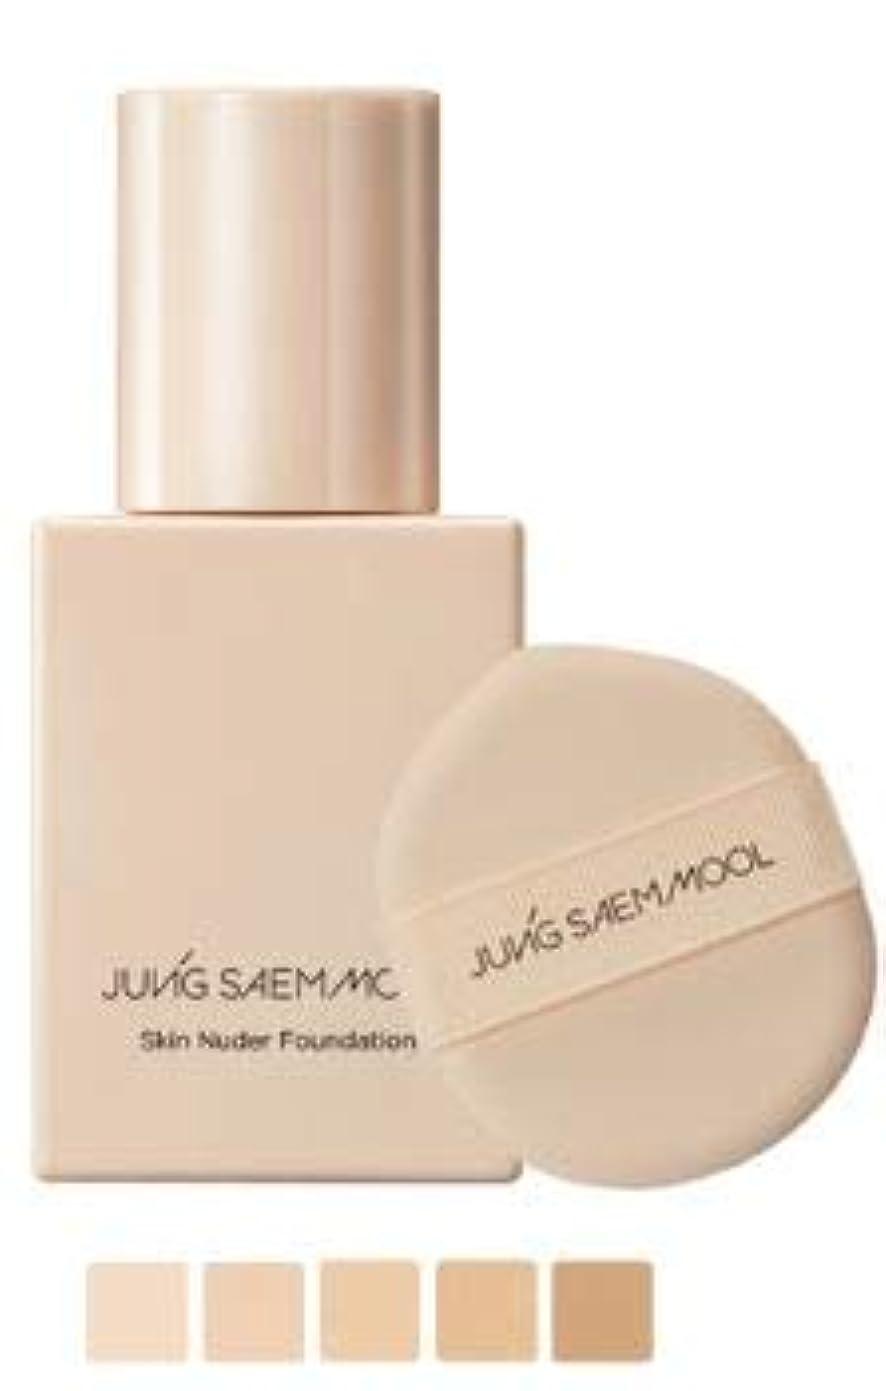 説明地元不運[JUNGSAEMMOOL] Skin Nuder Foundation 30ml / [ジョンセンムル] スキンヌーダーファンデーション30ml (FairLight(17-19)) [並行輸入品]